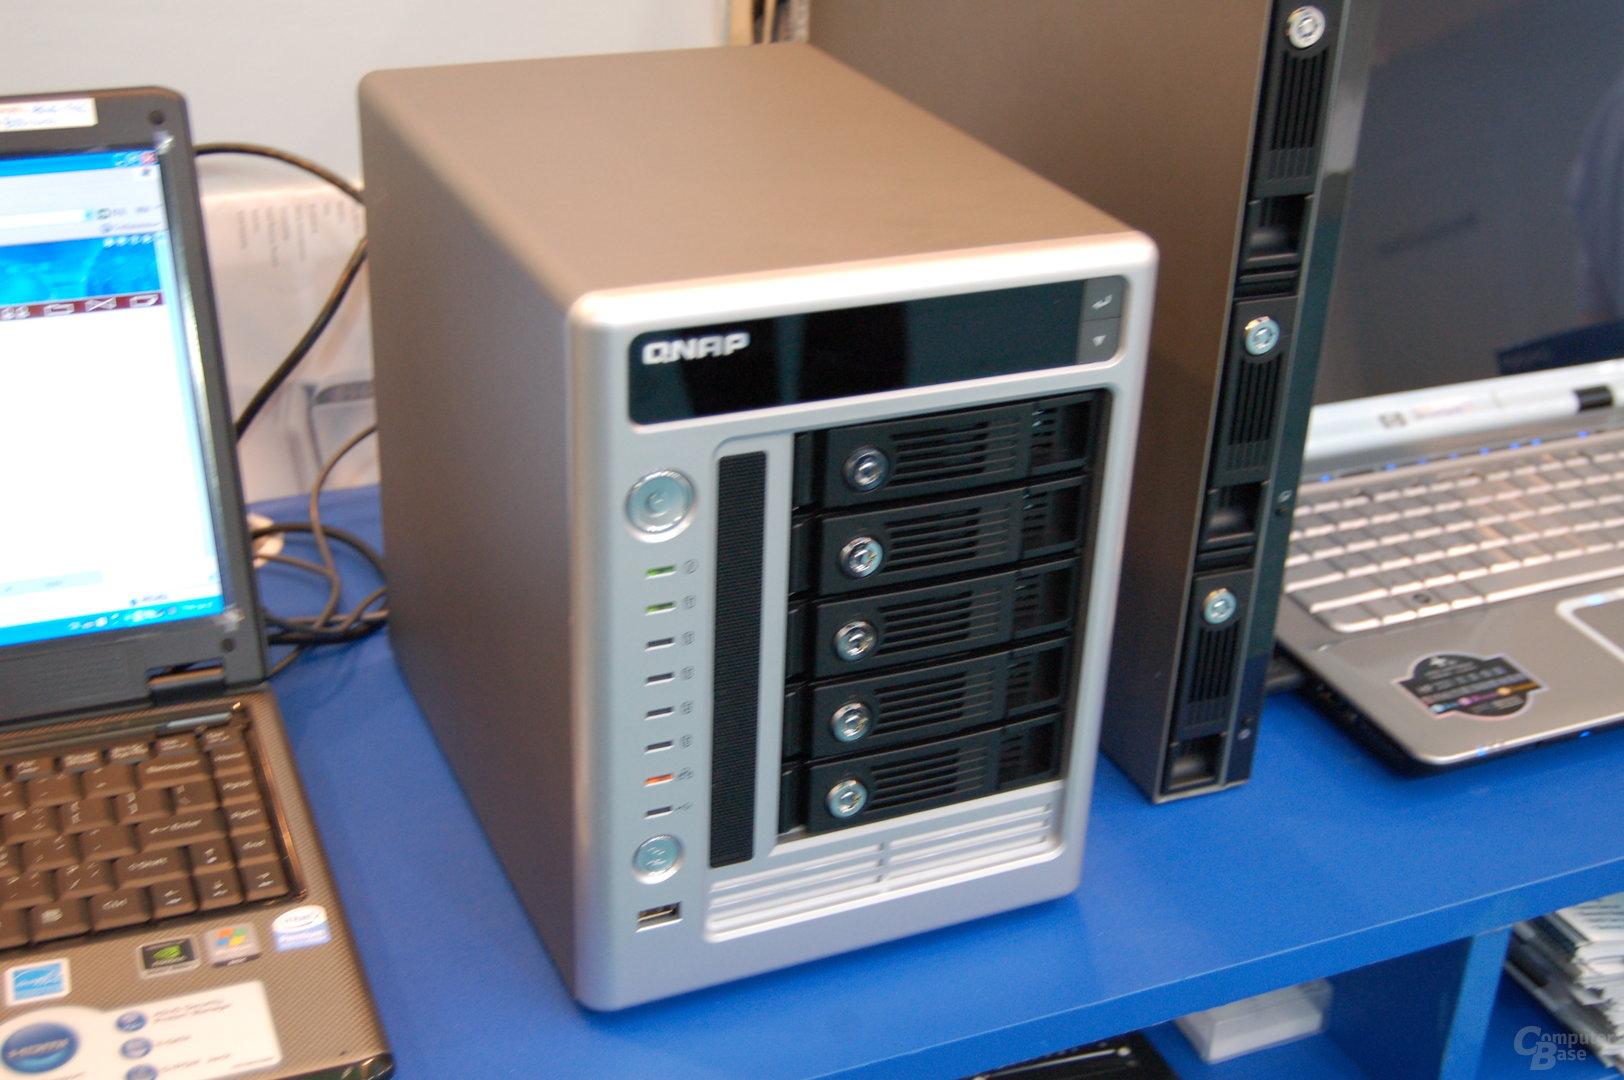 QNAP Turbo NAS TS-509 Pro